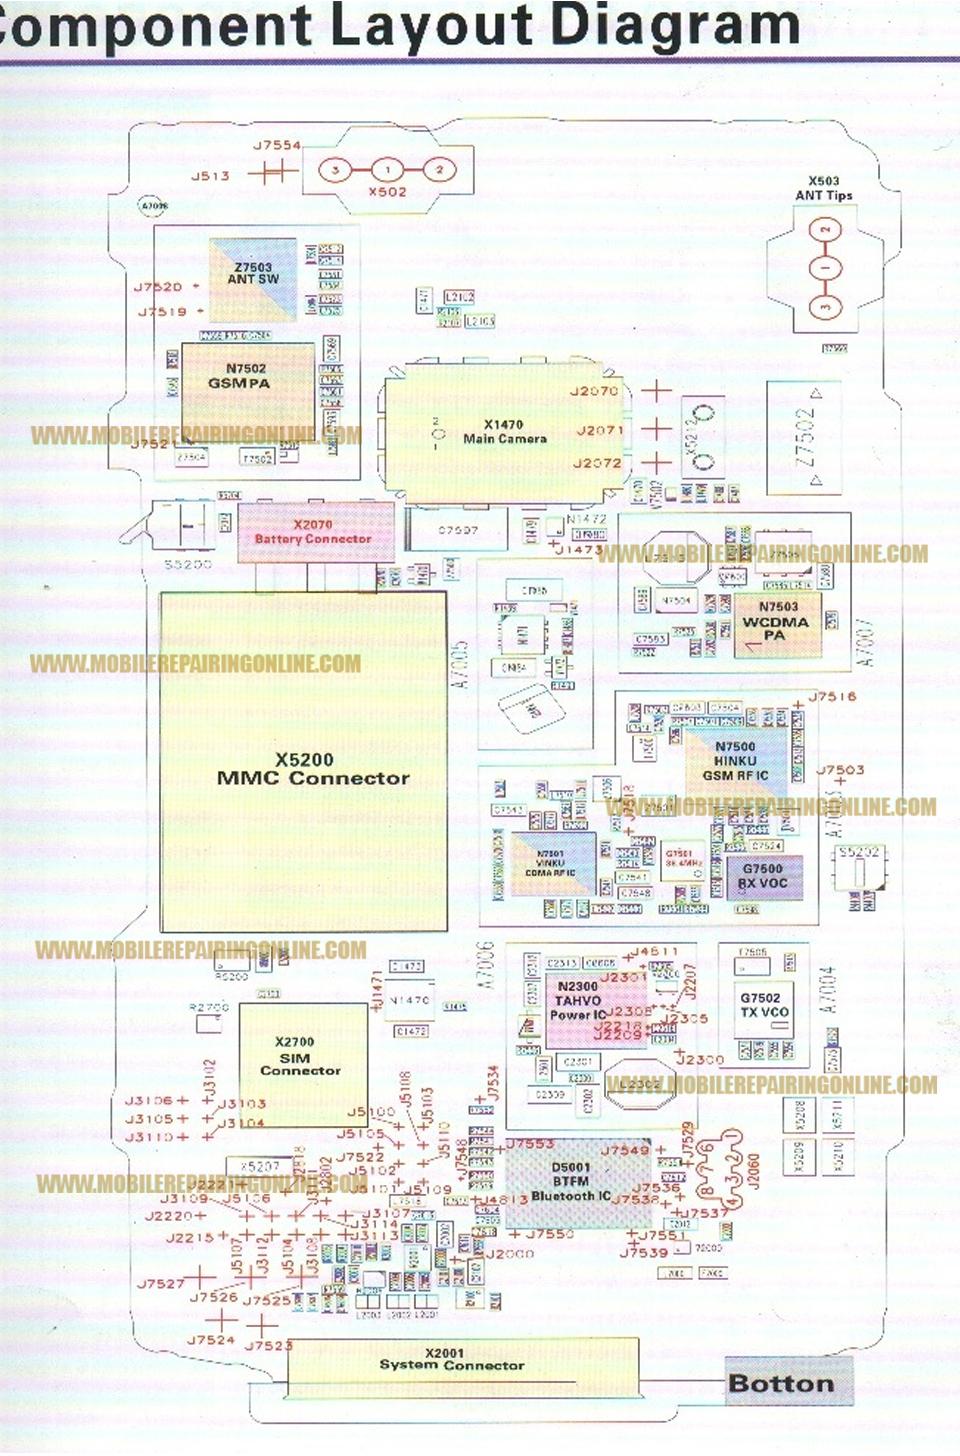 mobile phone    circuit       diagram    download   Mobile Repairing